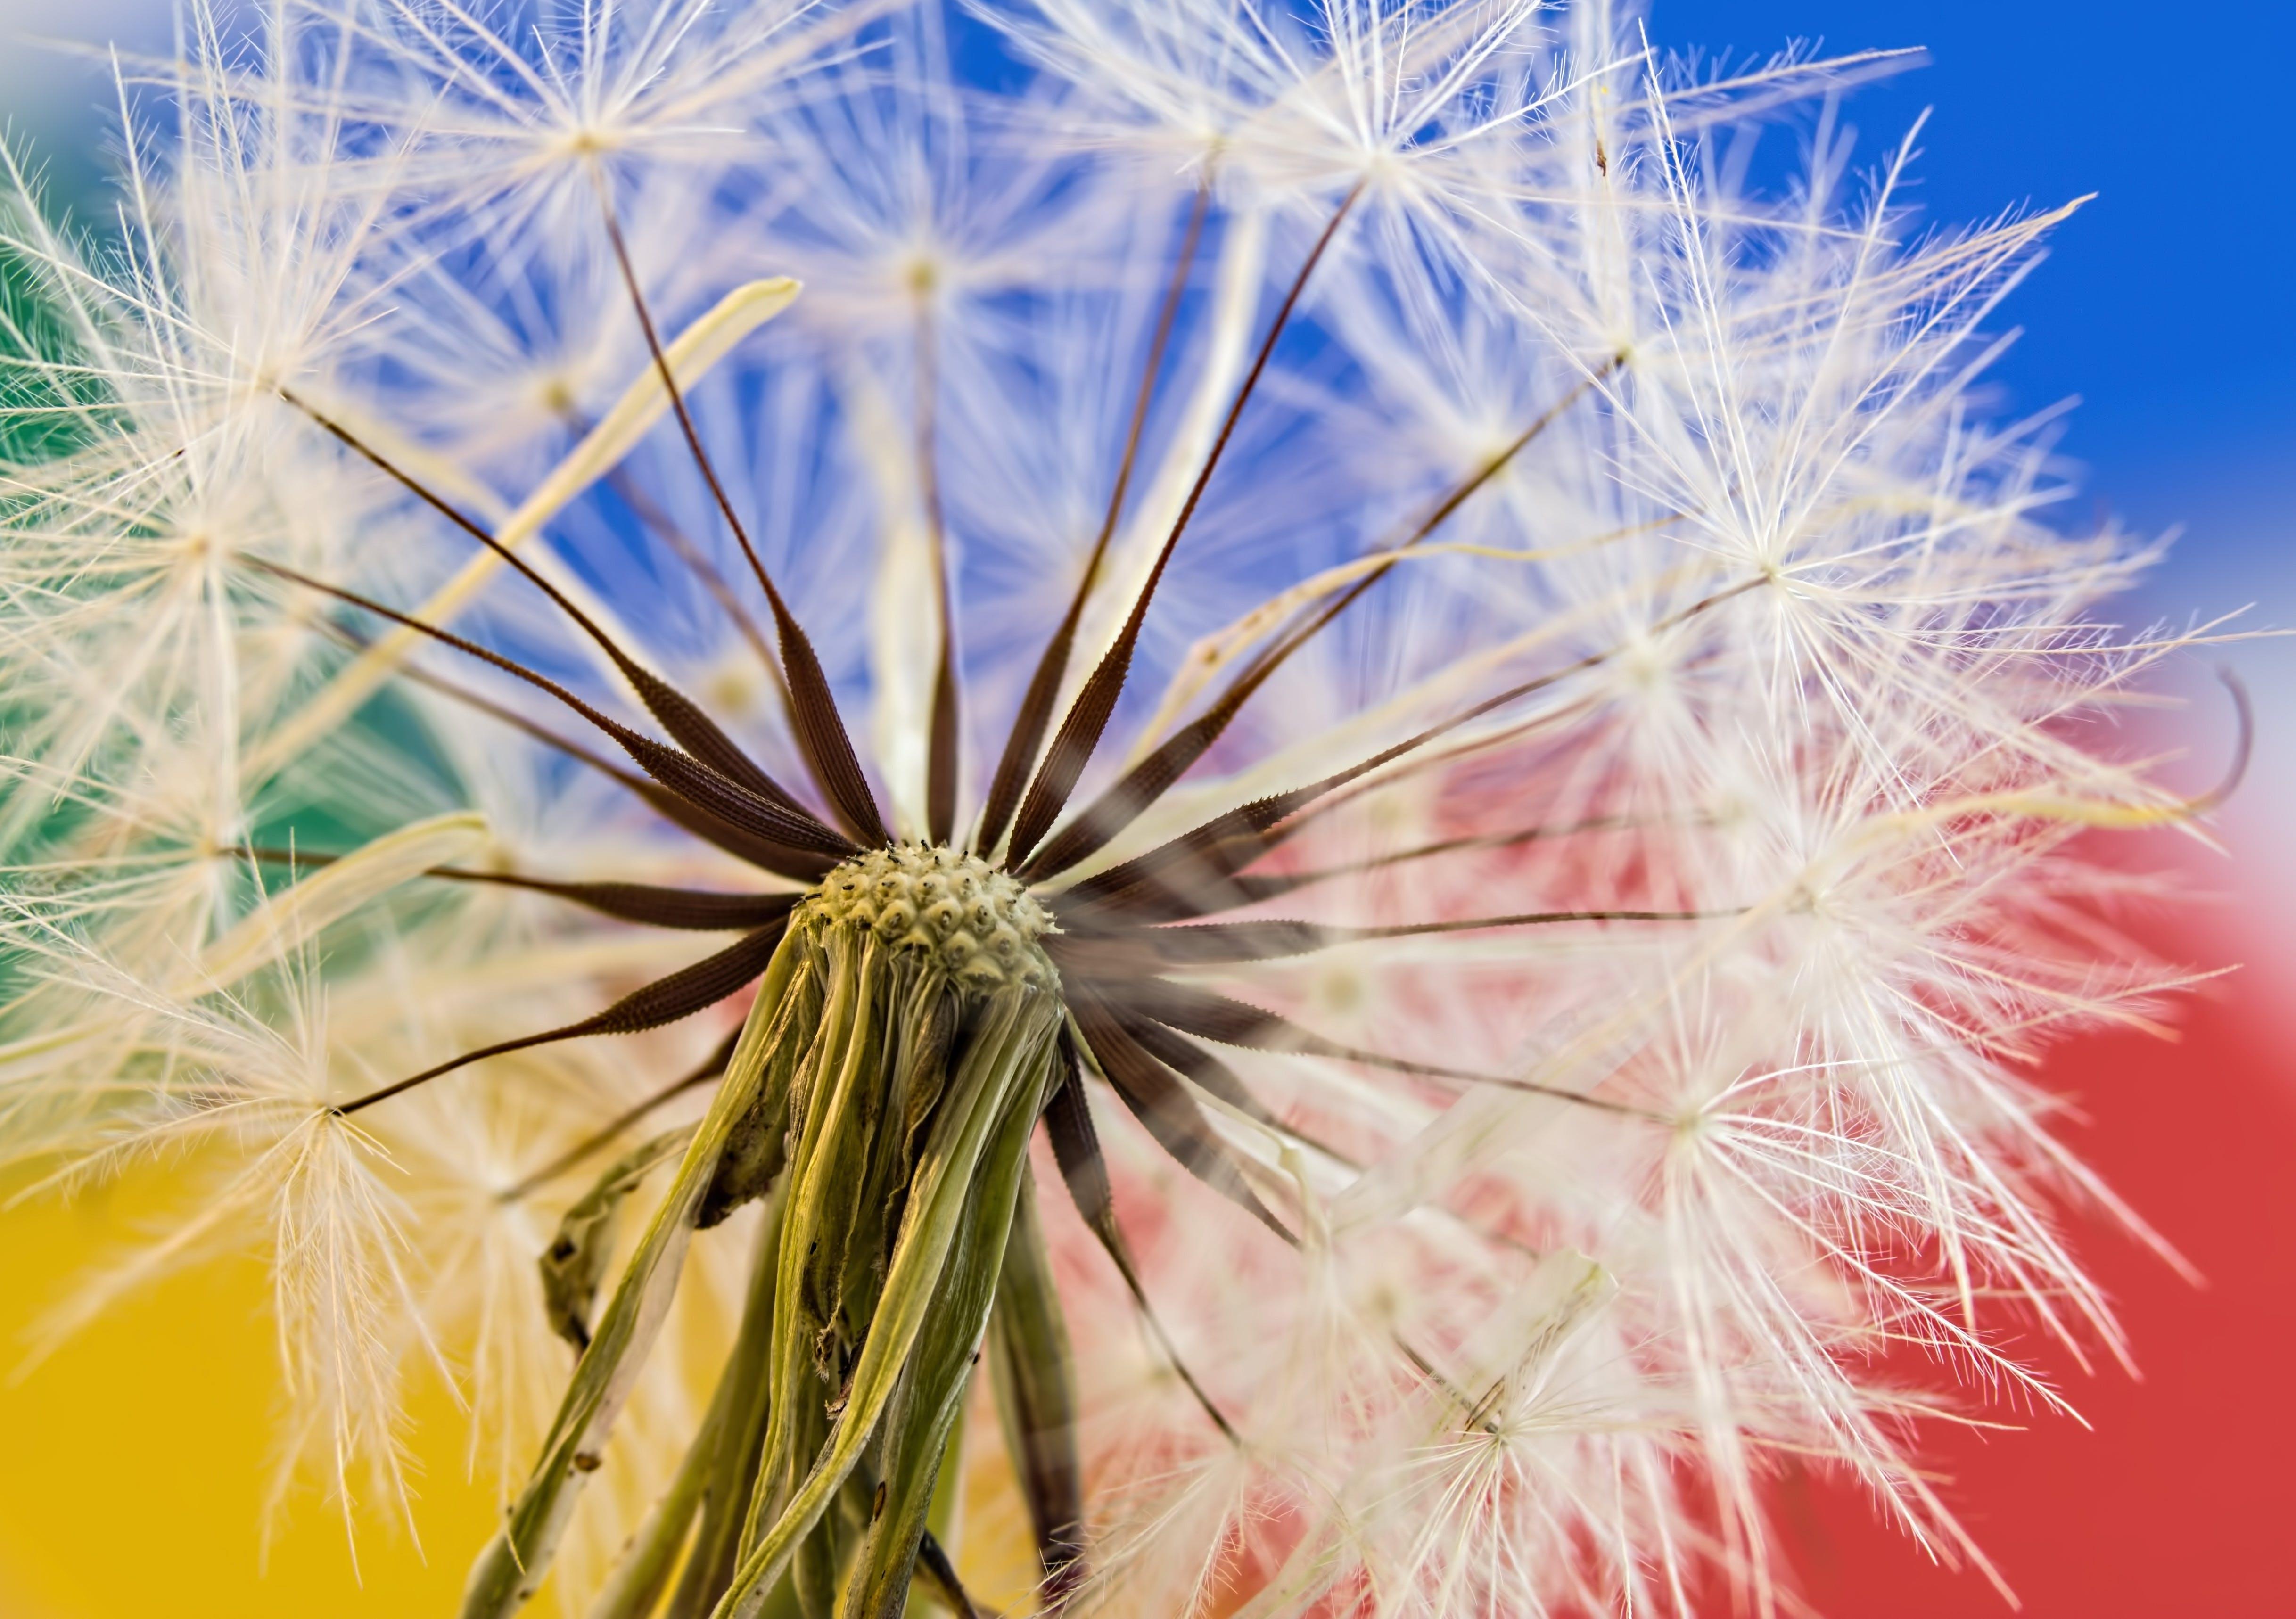 Základová fotografie zdarma na téma chmýří pampelišky, flóra, kytka, luční květy